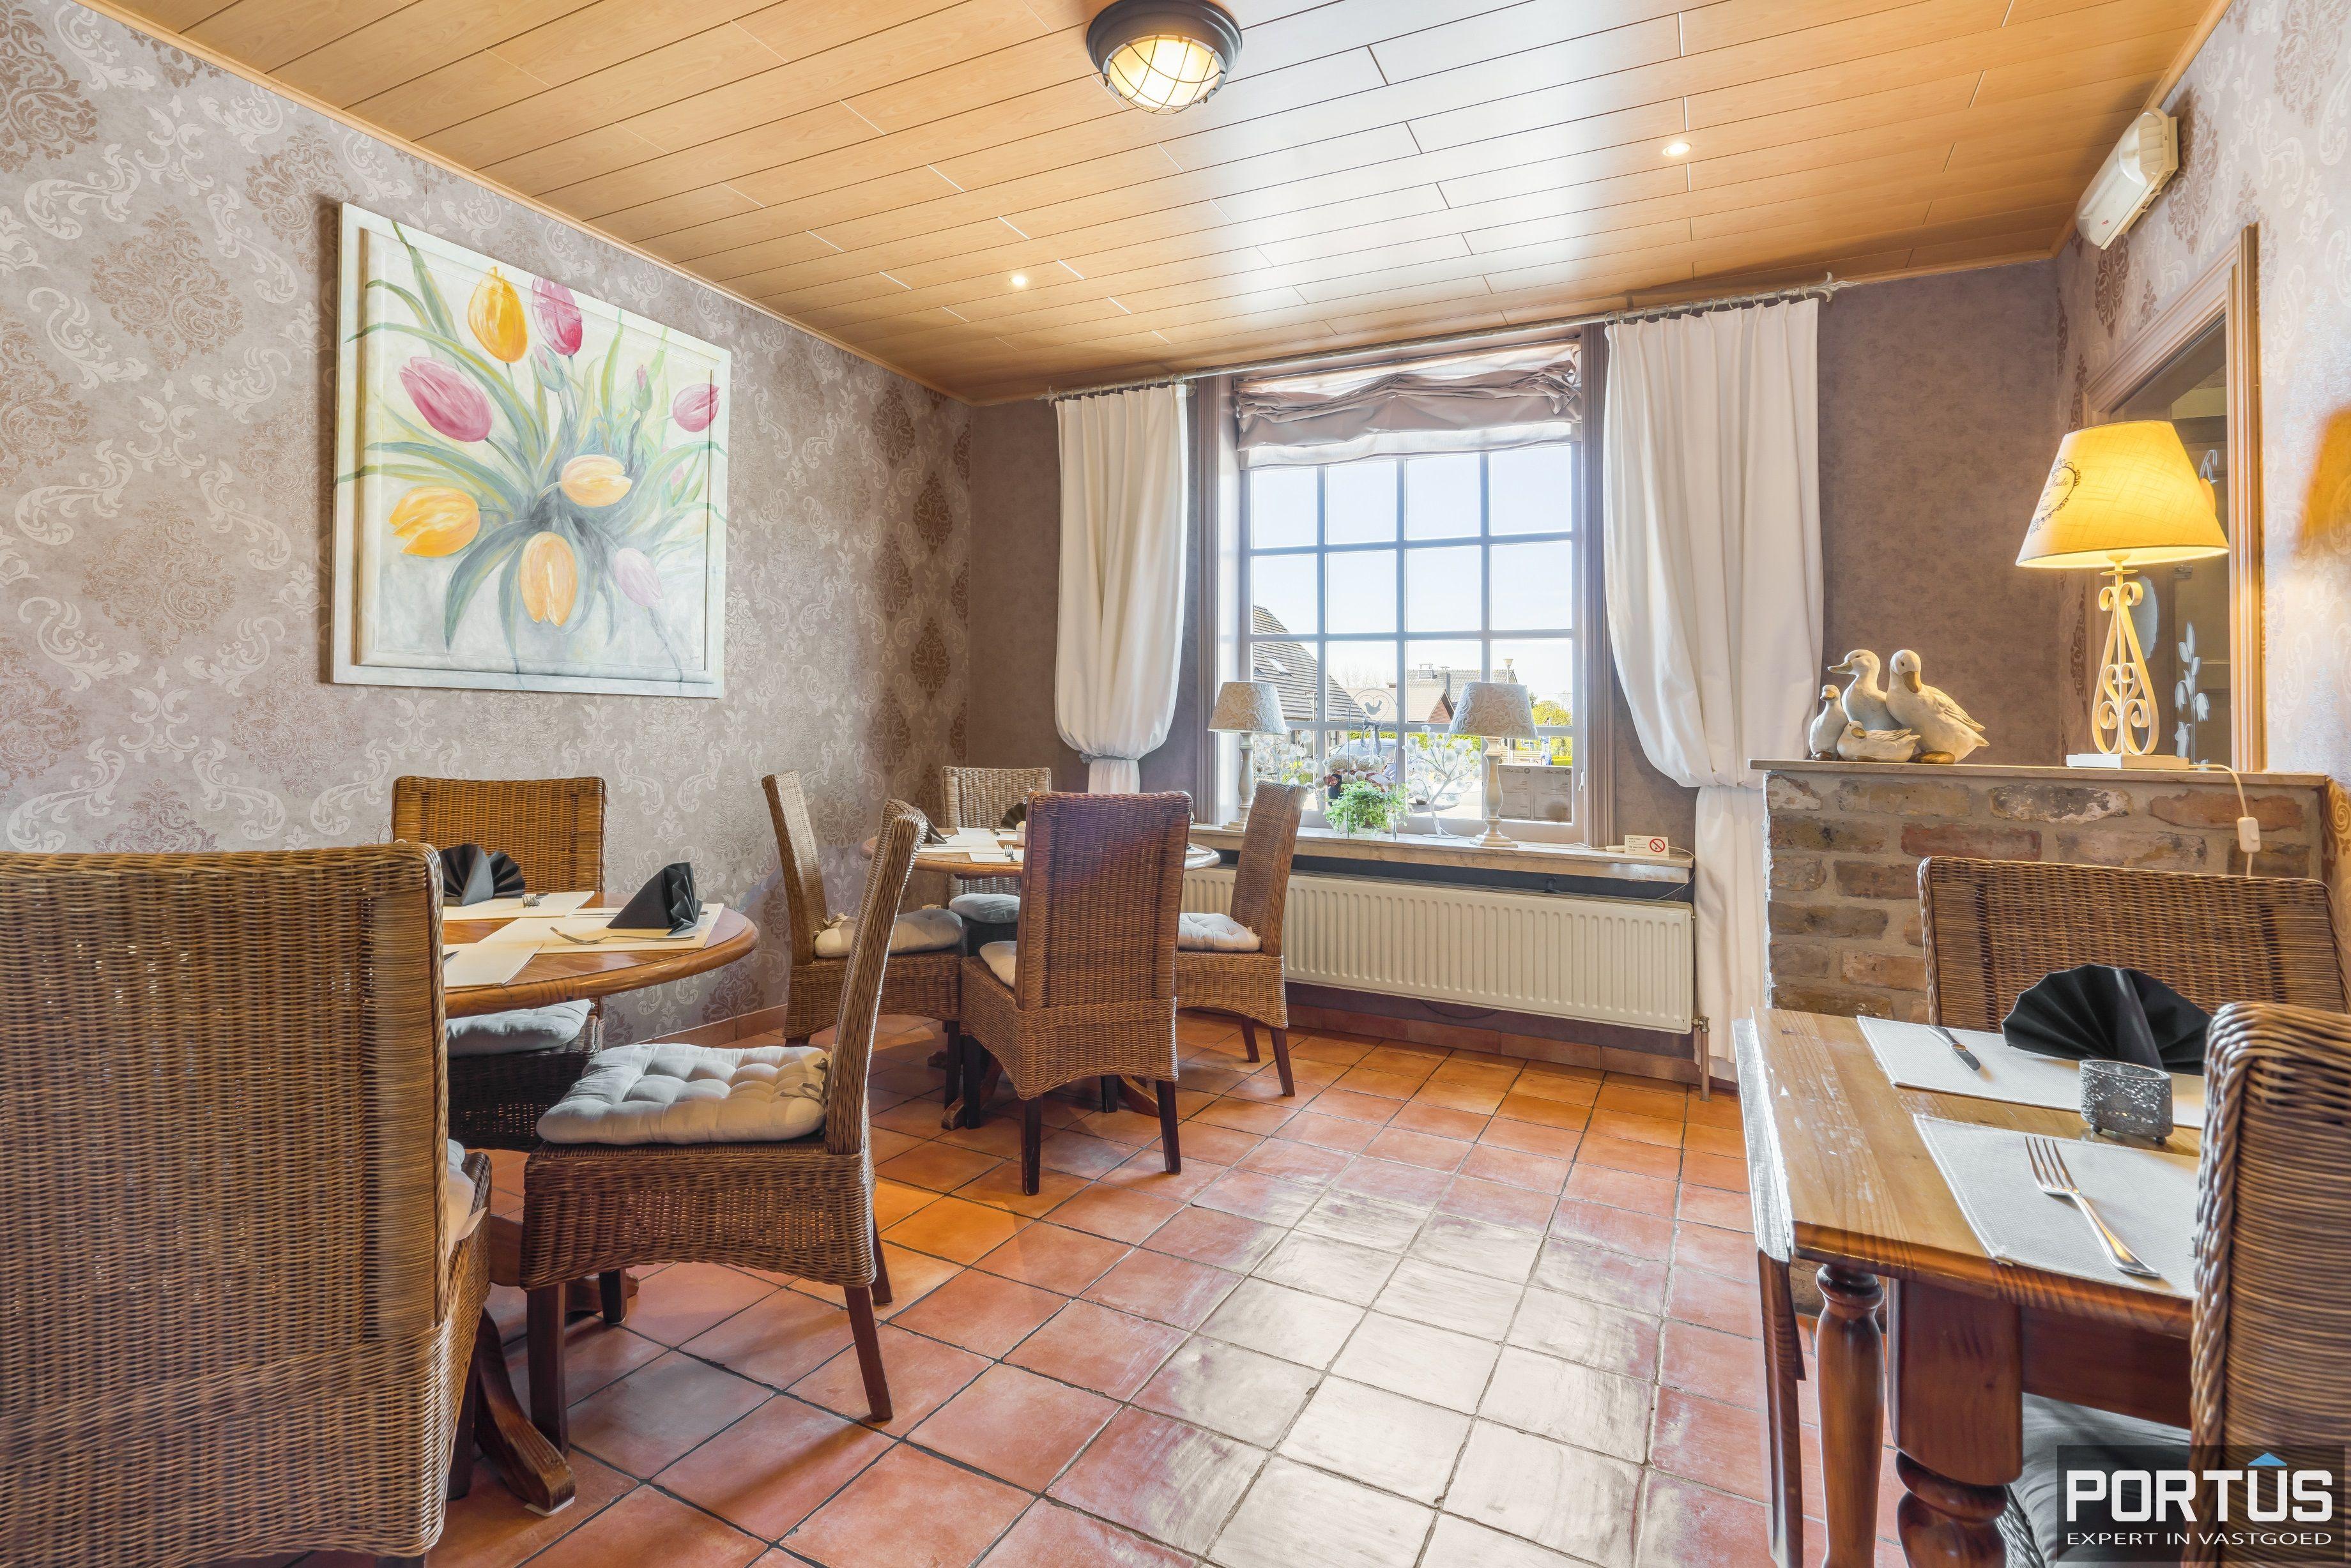 Restaurant met privéwoonst te koop te Westende - 12801